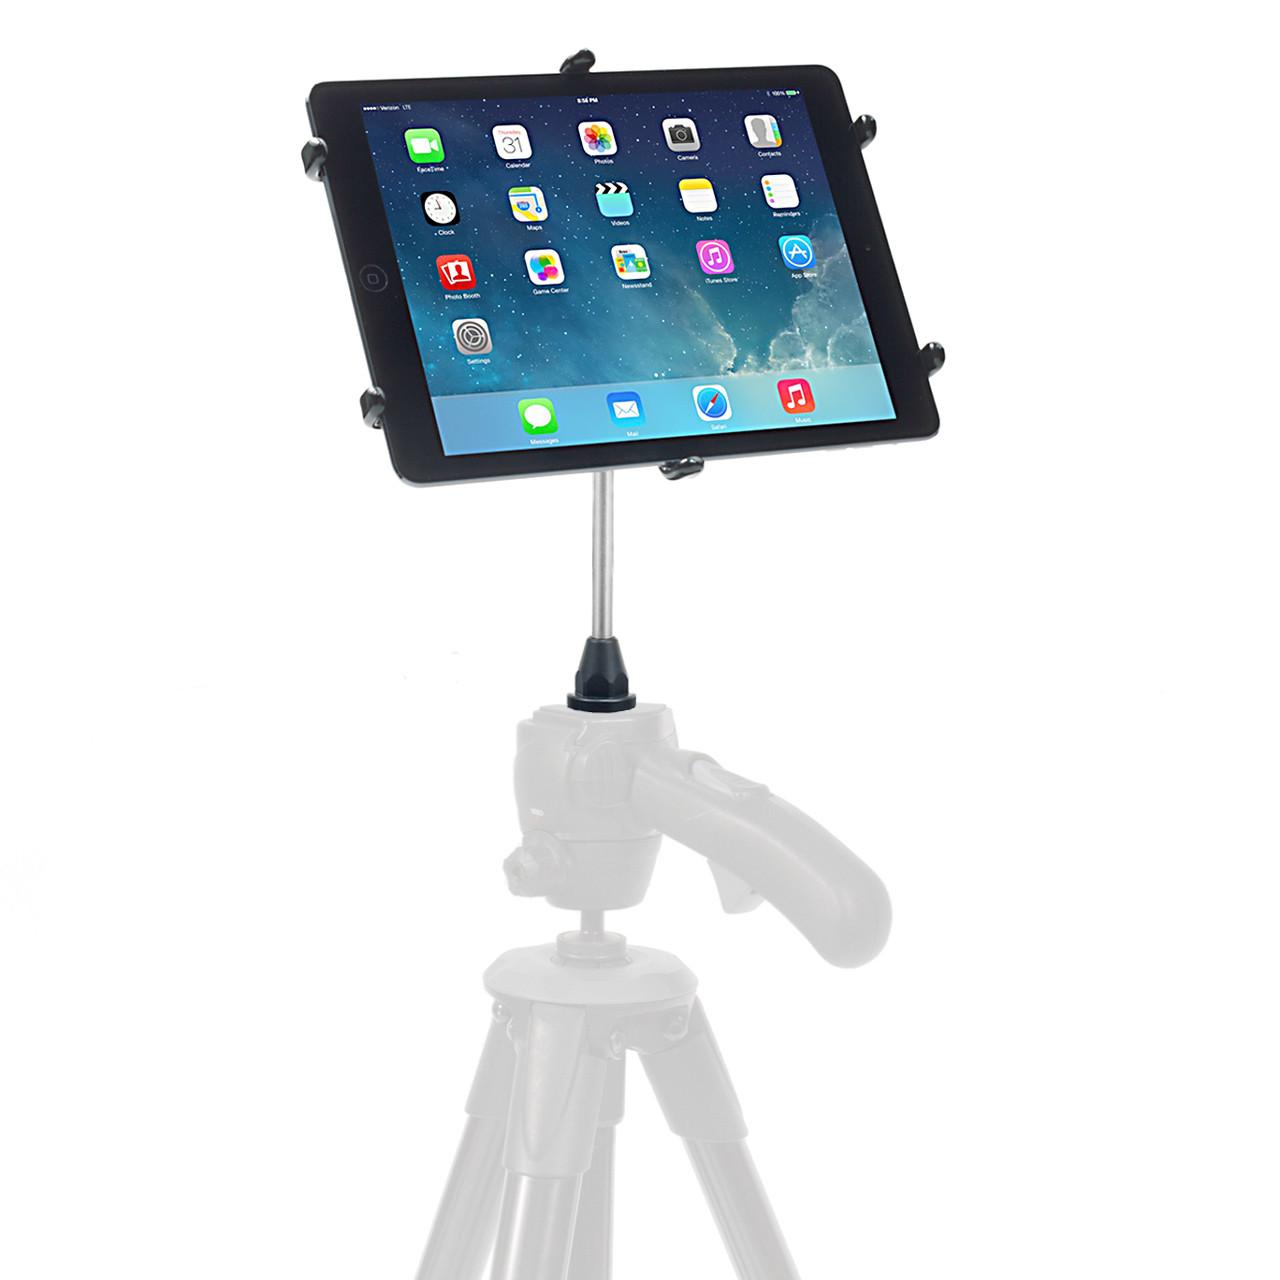 Ipad Air Ipad Mini Ipad Iphone Ipod Tripod Mount Or